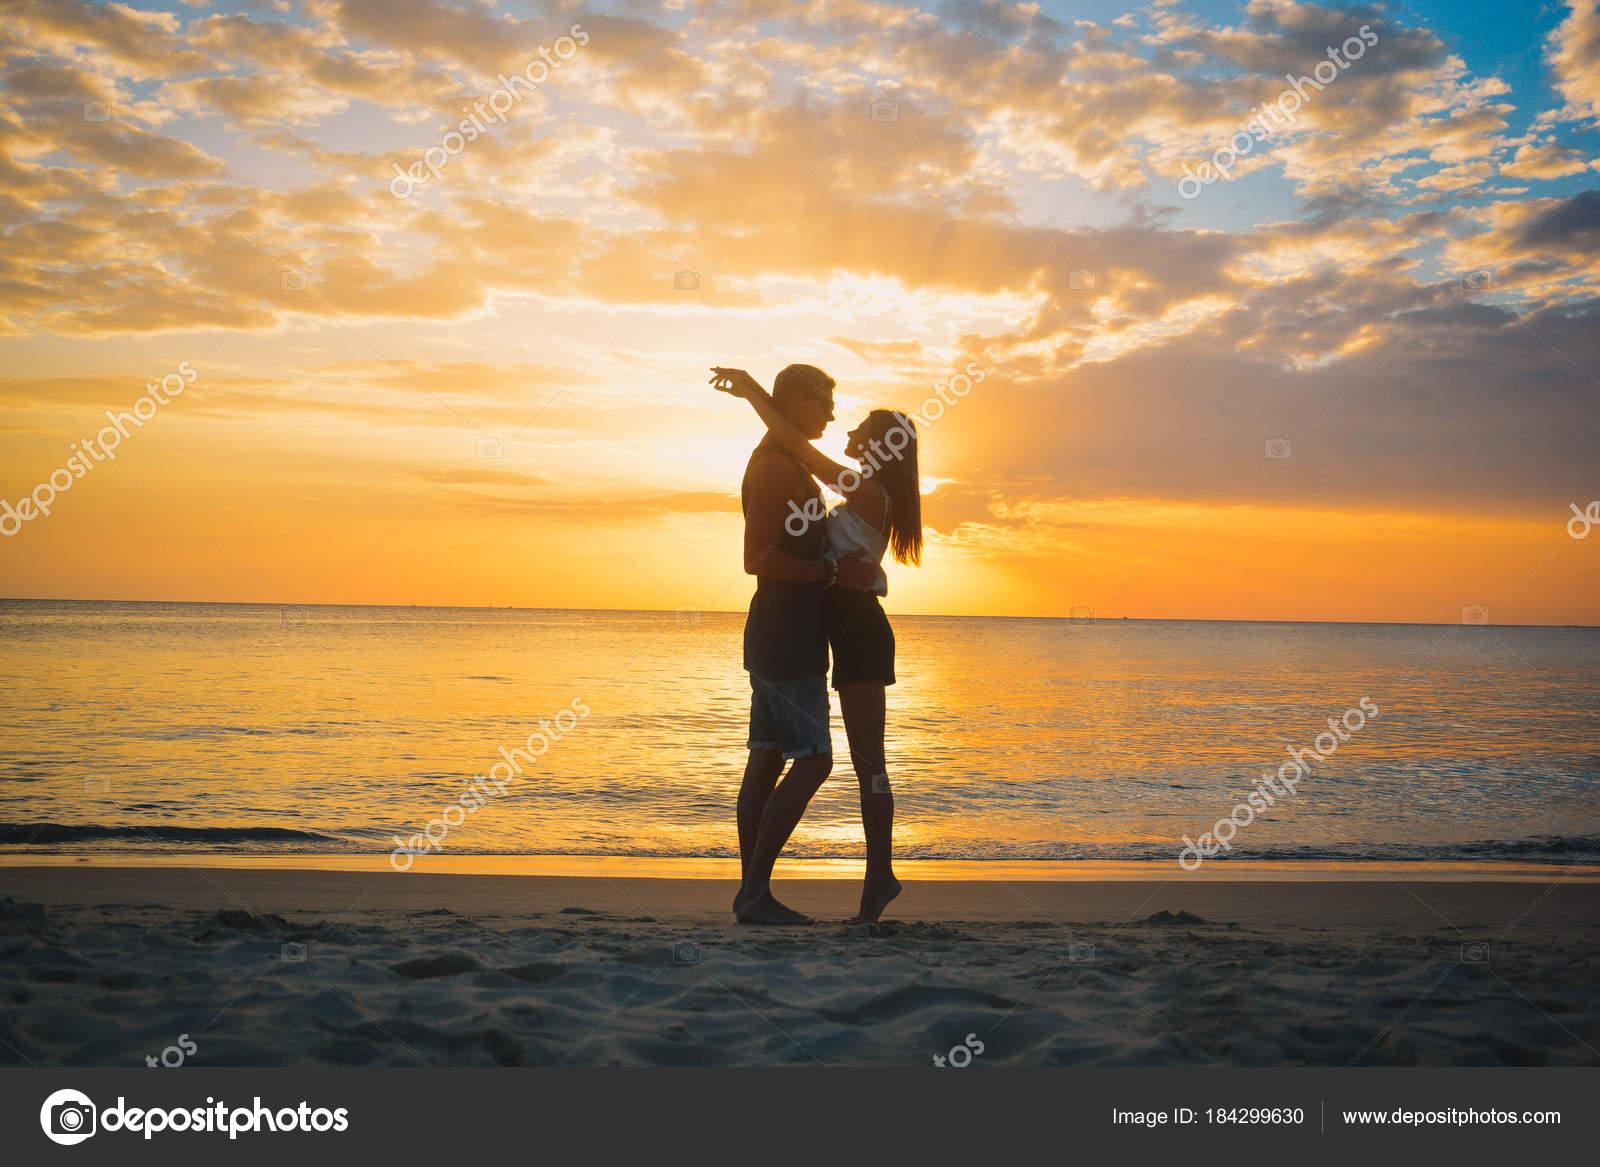 Genoeg Koppel op het strand bij zonsondergang zomervakantie, mooie jonge &LV42